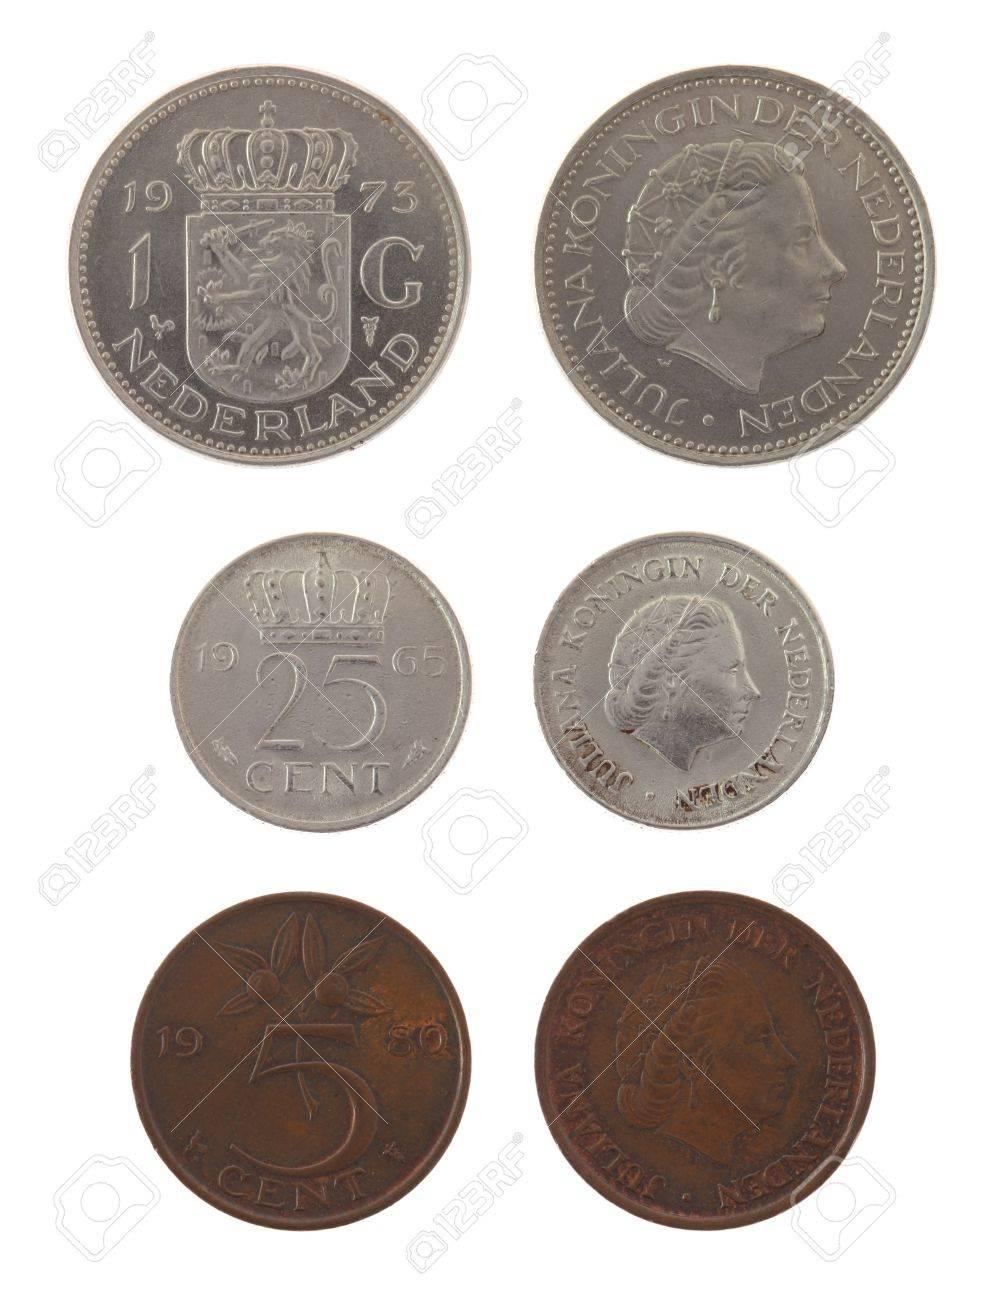 Old Dutch Gulden Münzen Darstellen Königin Juliana Der Niederlande